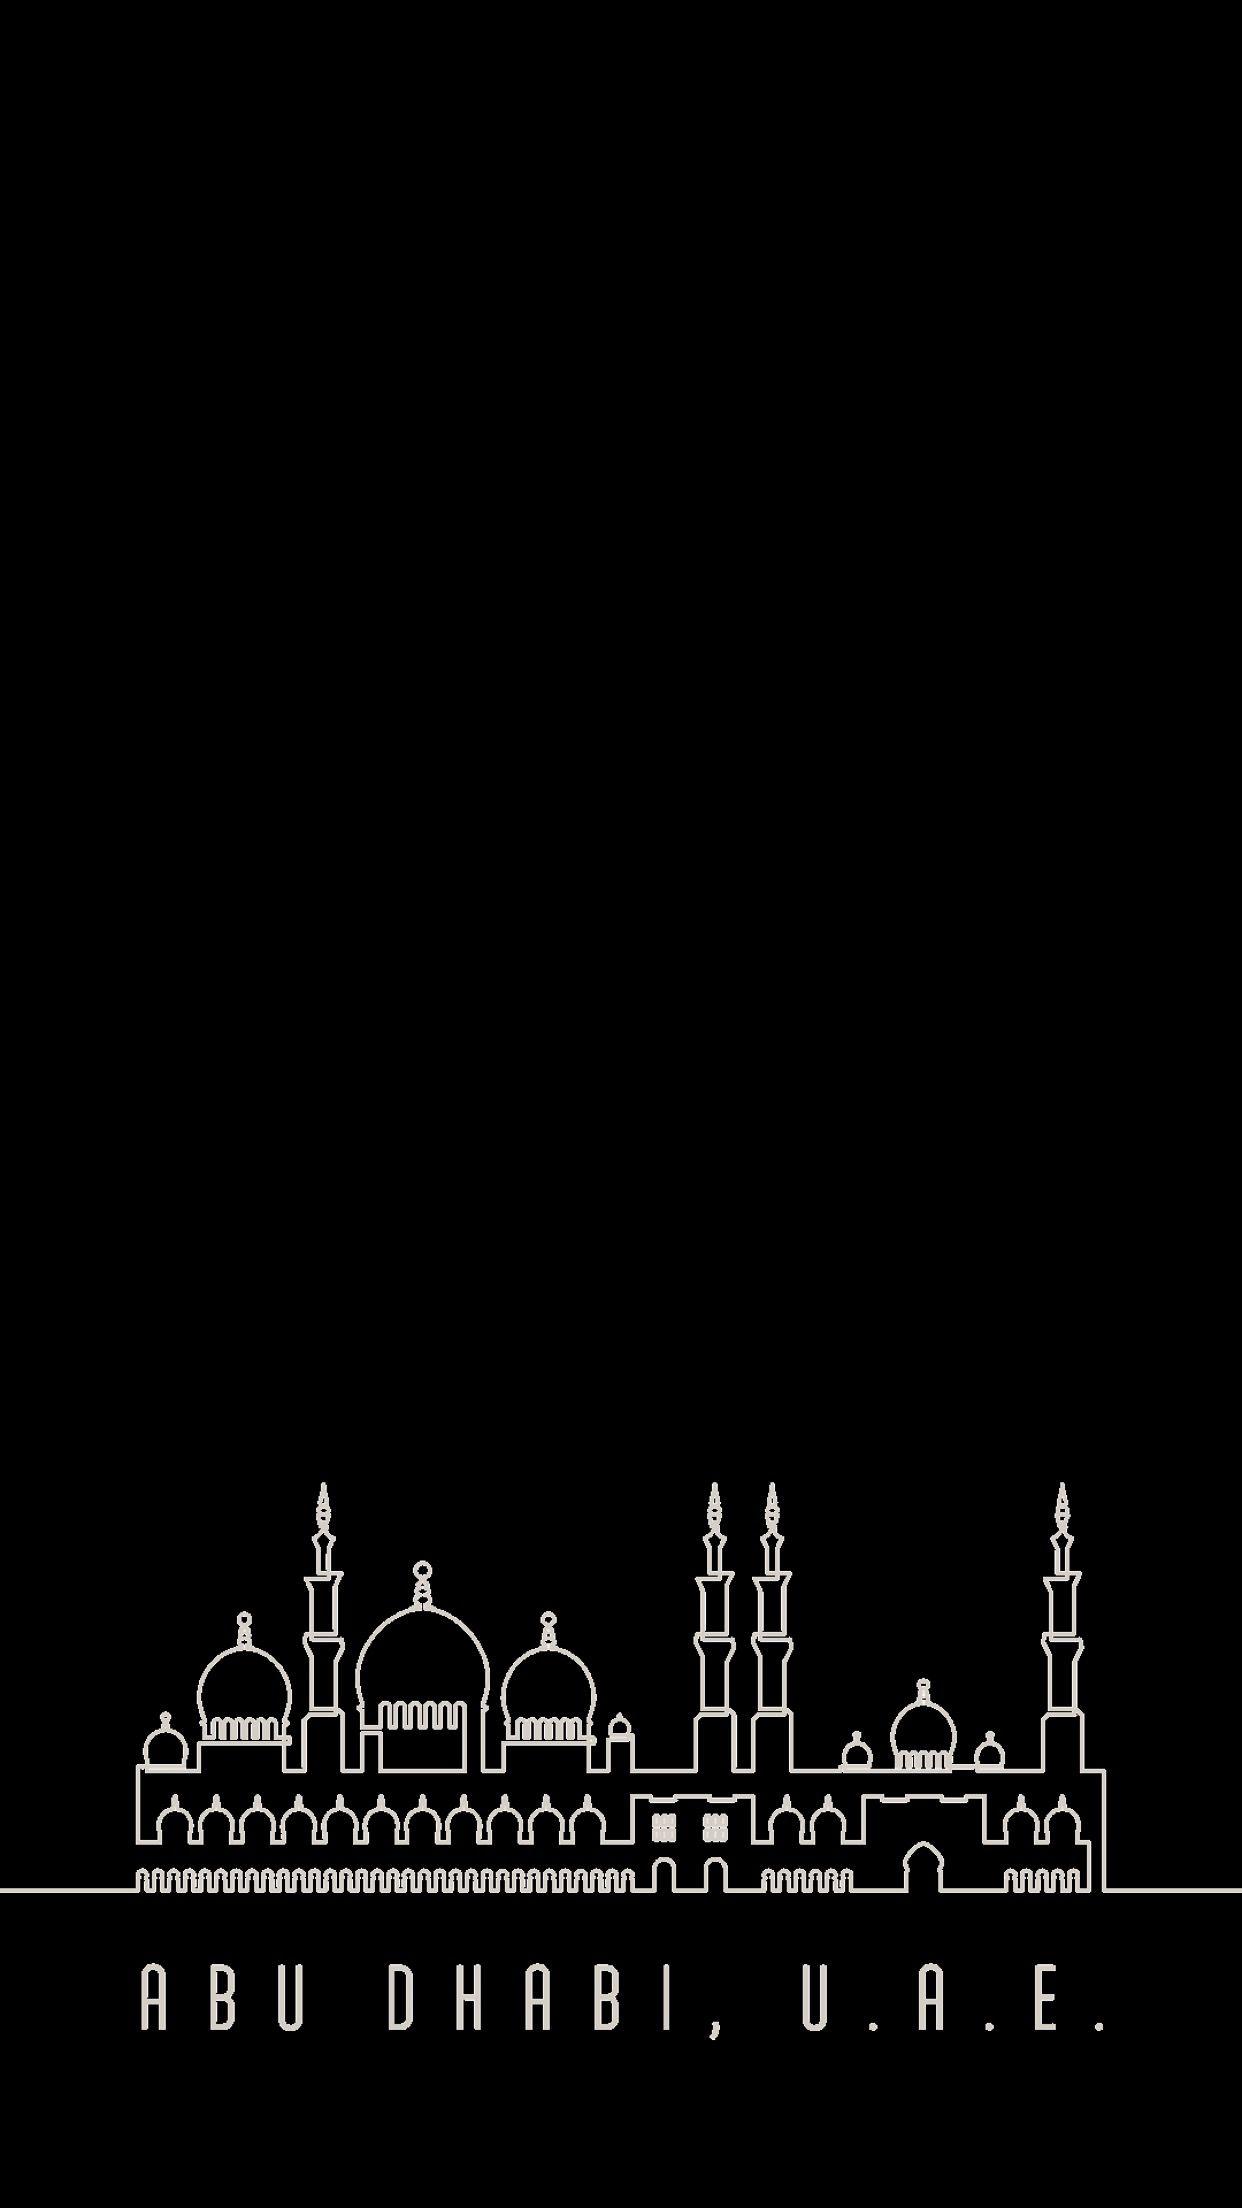 Abu Dhabi Uae Dubai Travel Snapchat Location Filters Abu Dhabi